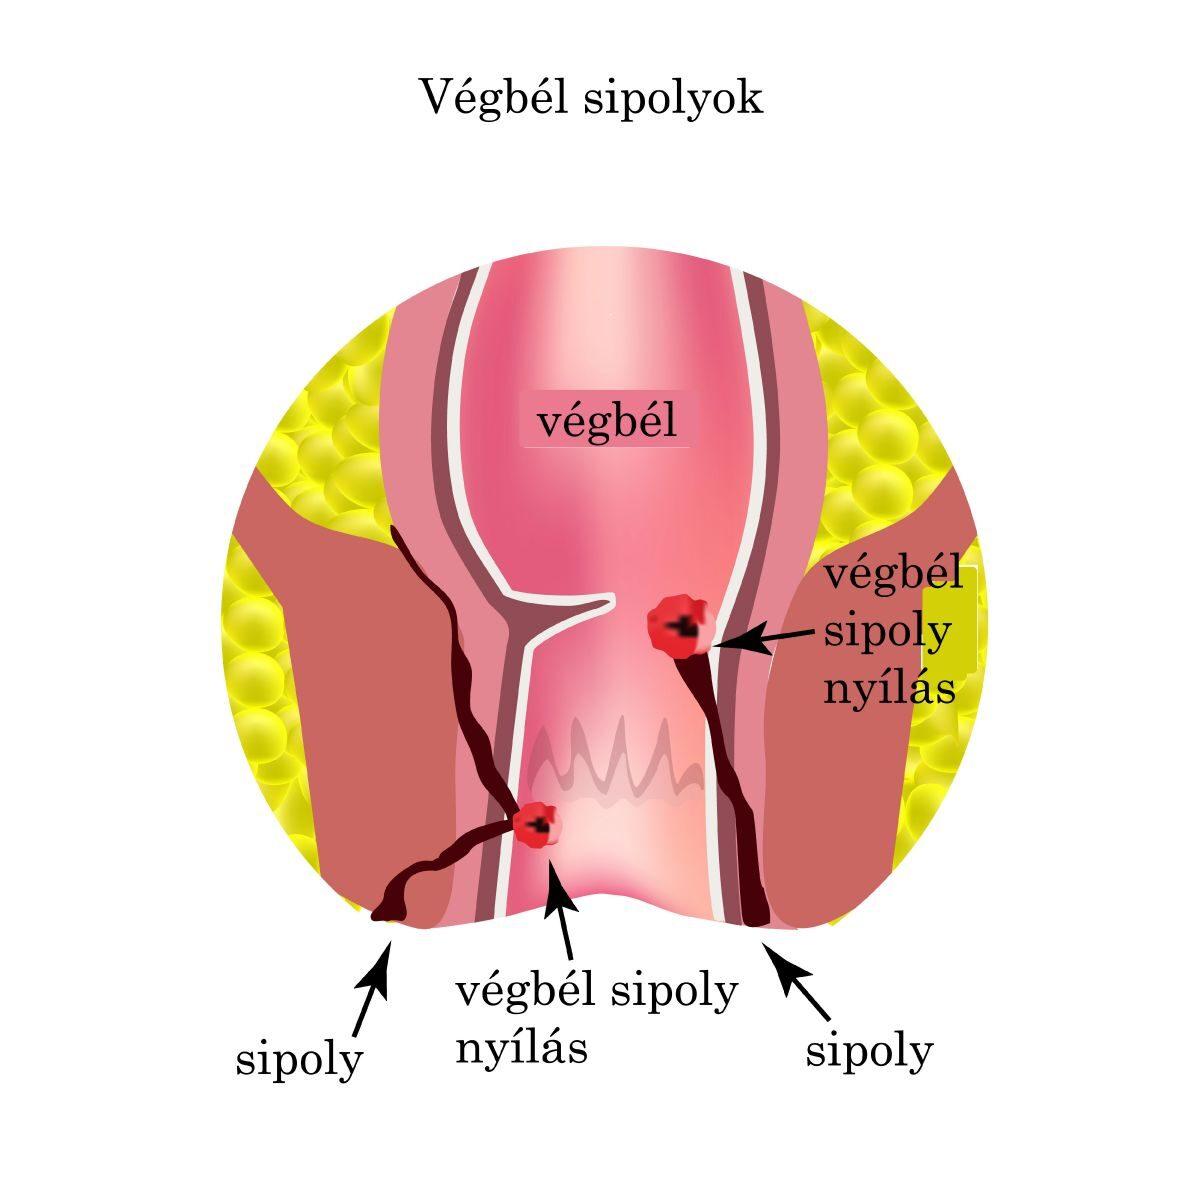 féreghajtó szoptatás alatt az emberi papilloma vírus elmúlik